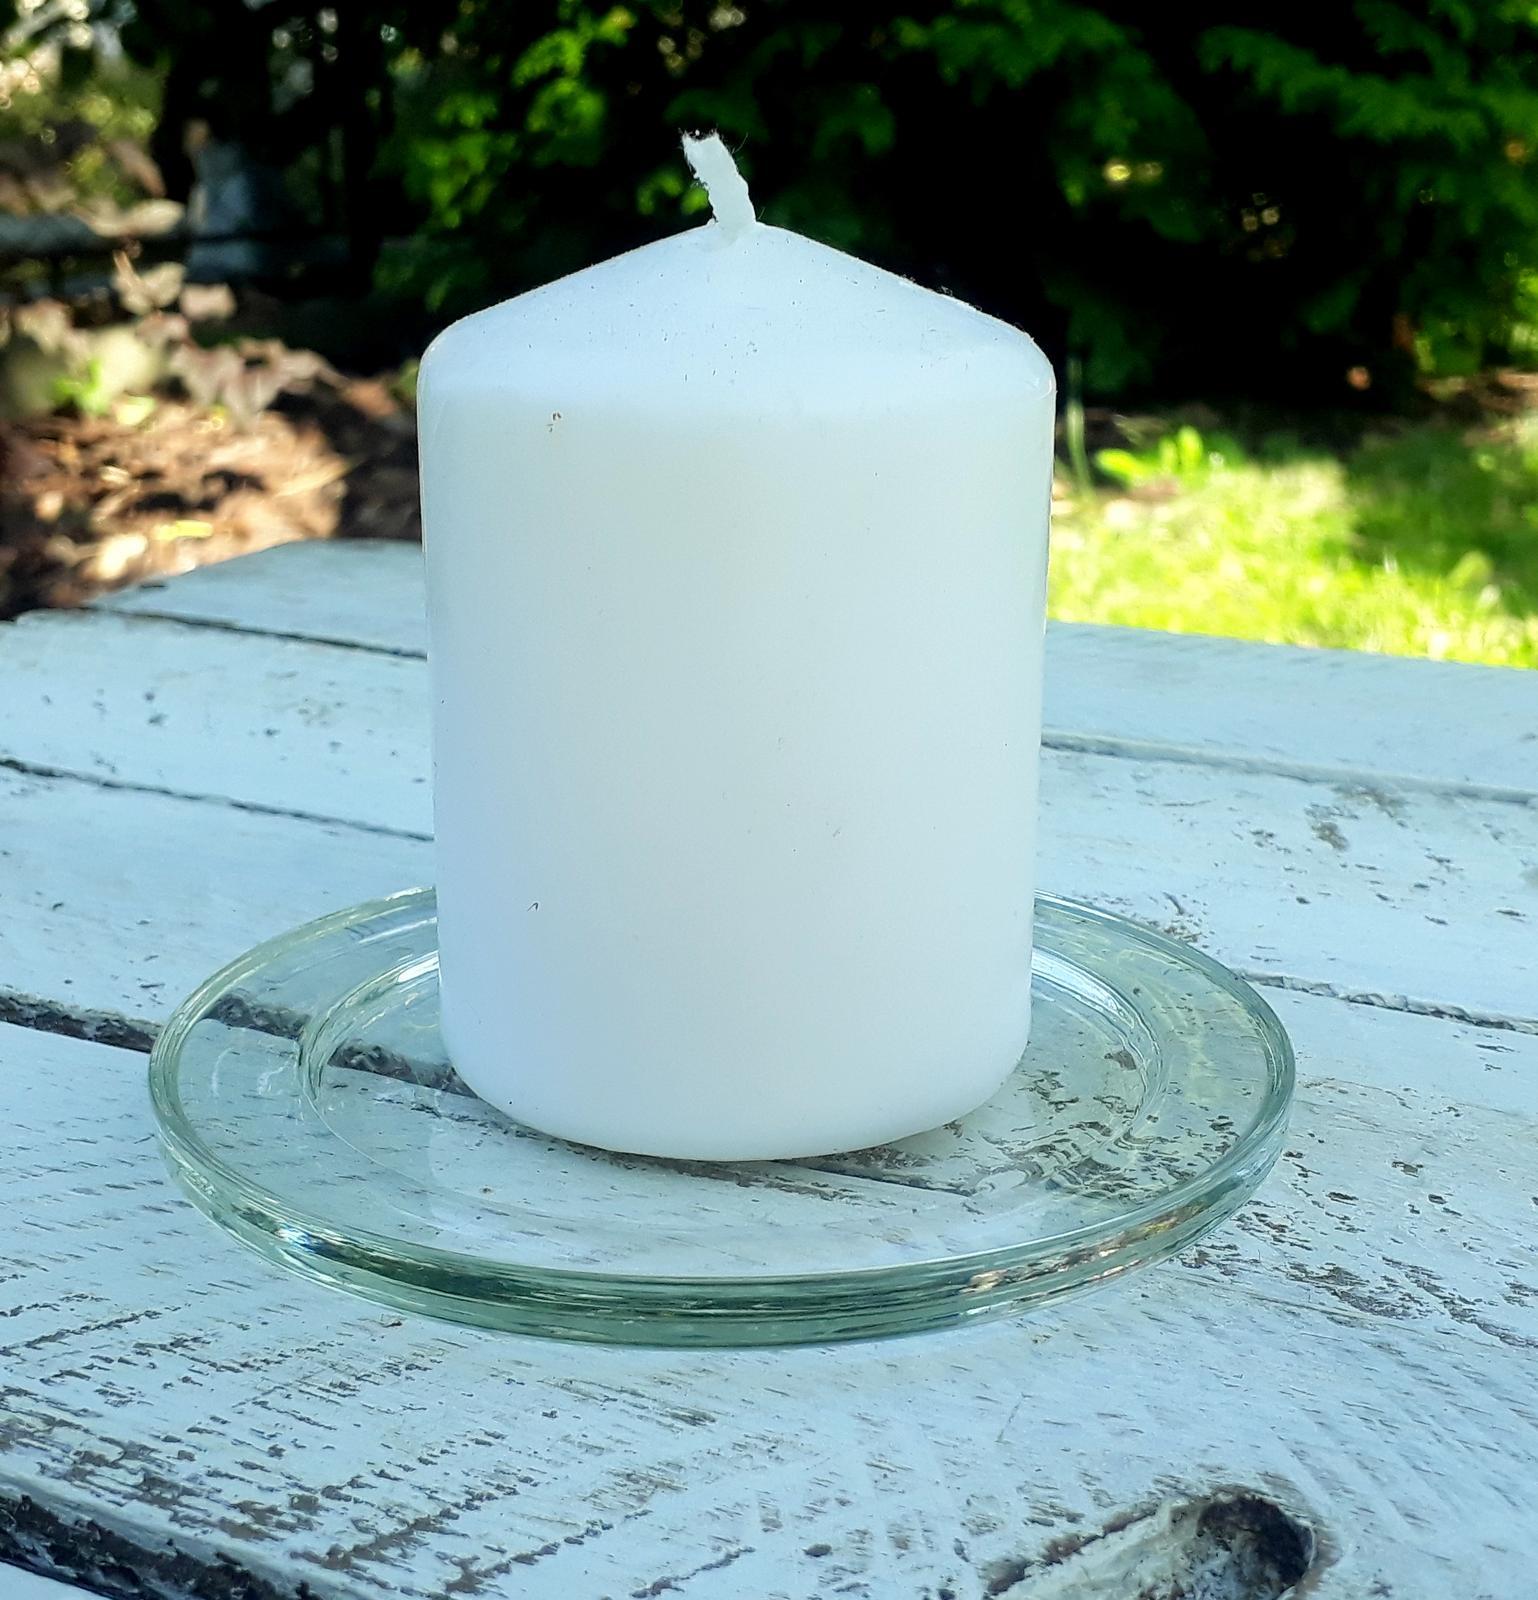 Podložka pod svíčku - Obrázek č. 1